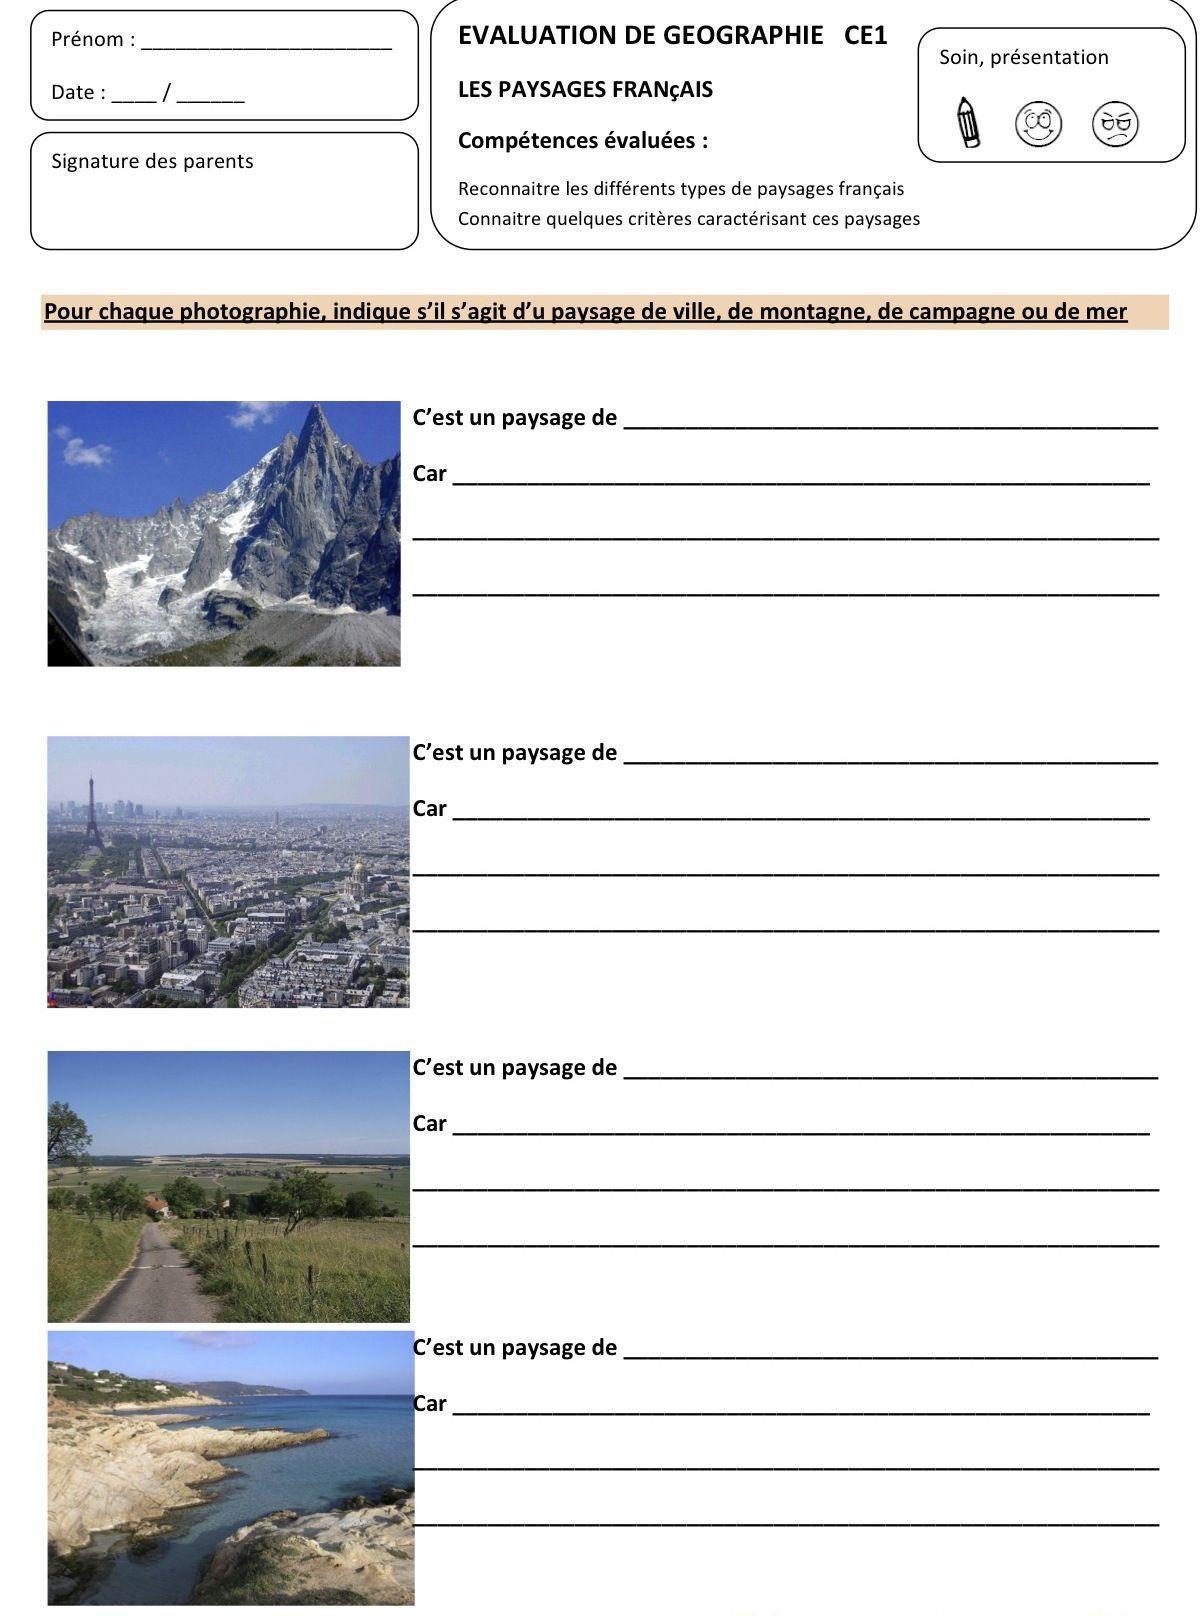 Maquette ddm pinterest evaluation le paysage et espace for Paysage espace